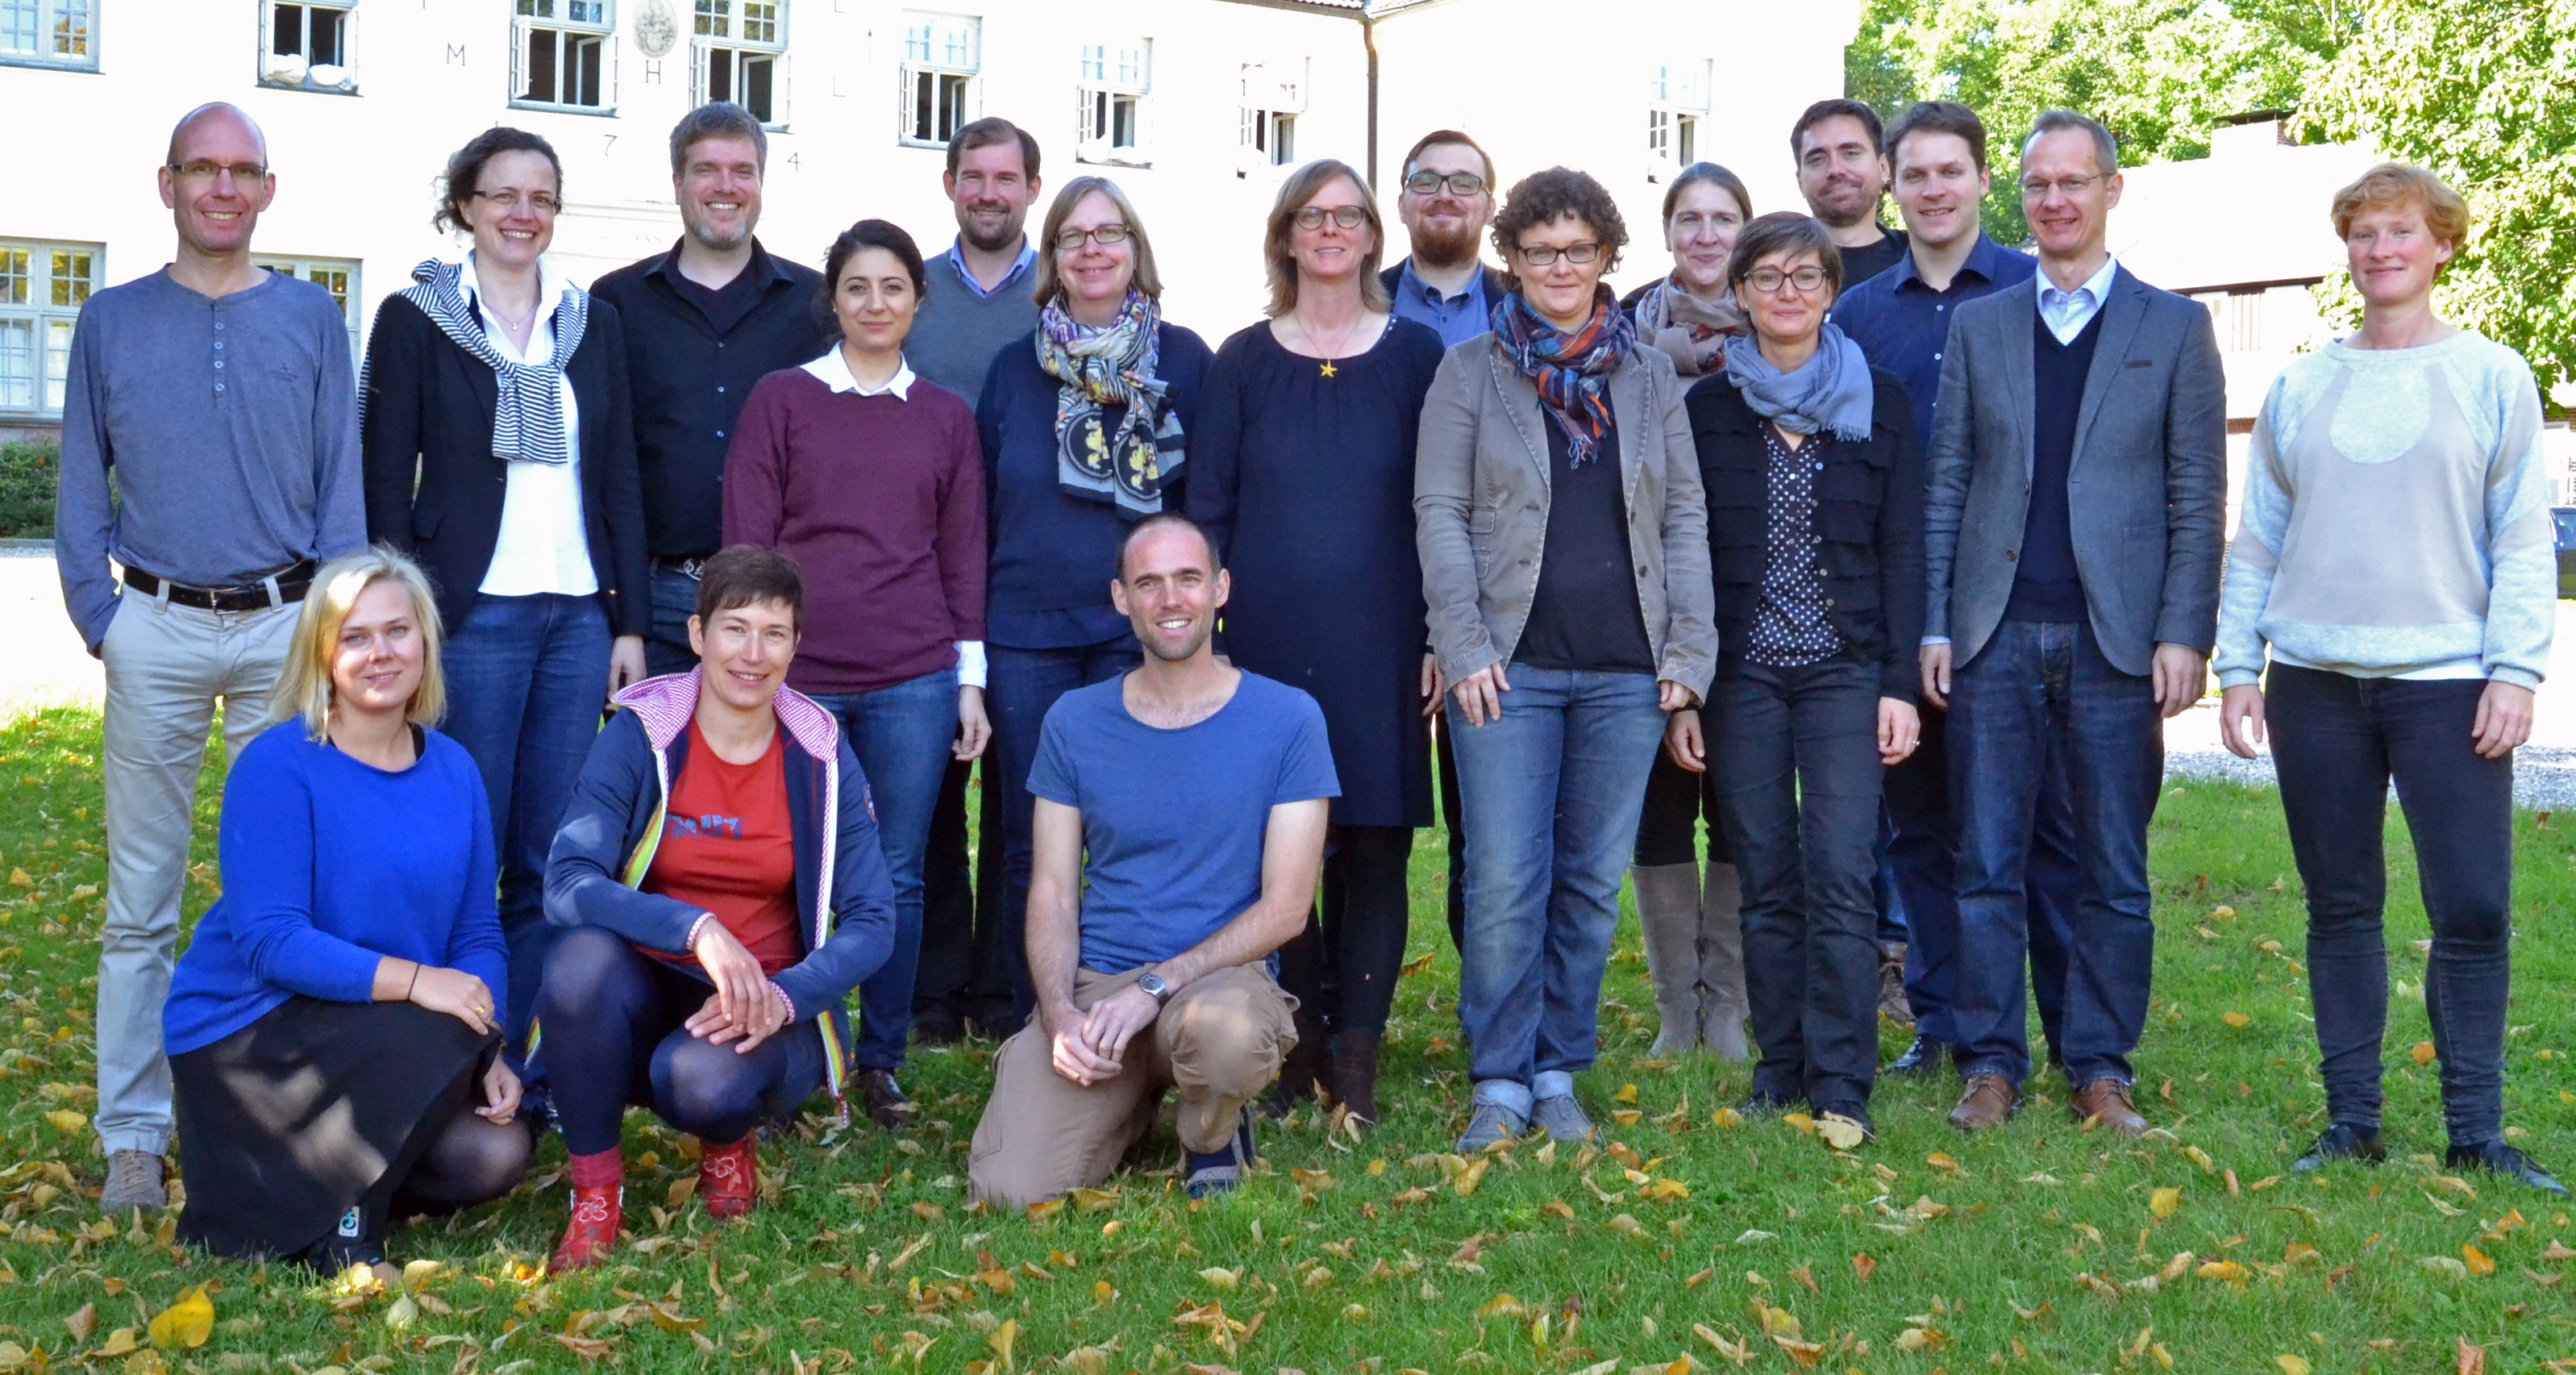 Stipendiatinnen und Stipendiaten der Museumsakademie Museion21 des Jahrgangs 2015 auf Gut Siggen bei Oldenburg © Alfred Toepfer Stiftung F.V.S.